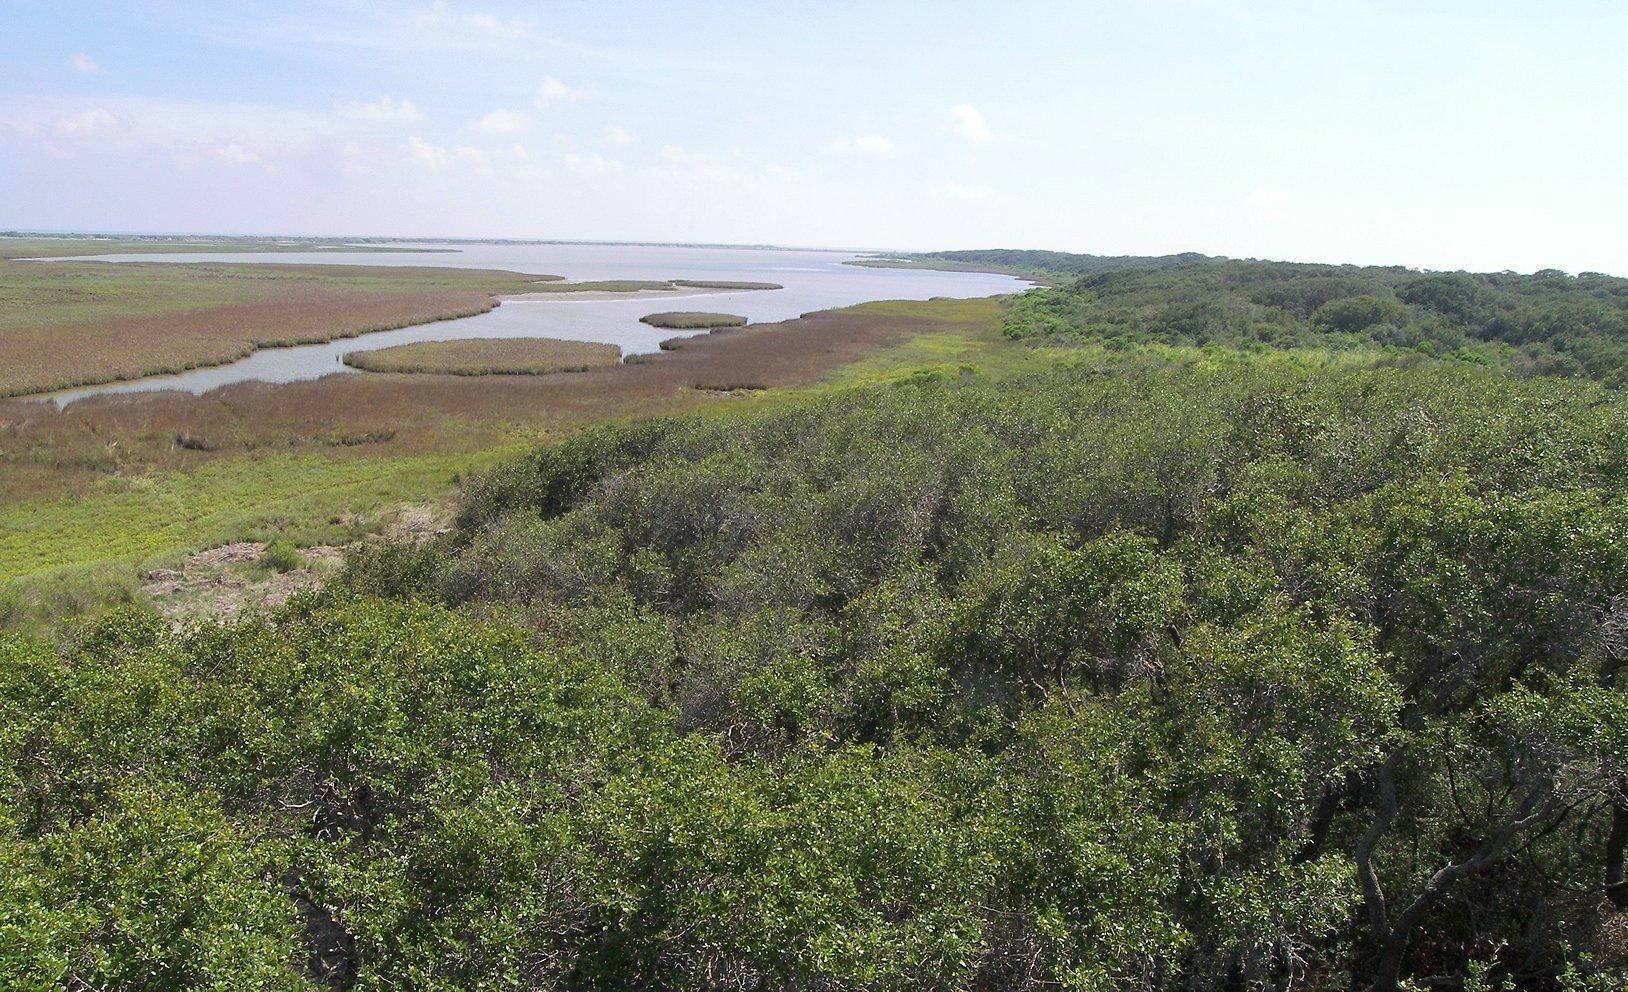 Blick auf das Aransas National Wildlife Refuge im Süden des US-Bundesstaats Texas, im Vordergrund dichte Vegetation, weiter hinten das Feuchtgebiet mit offenen Wasserflächen hin zum Meer.